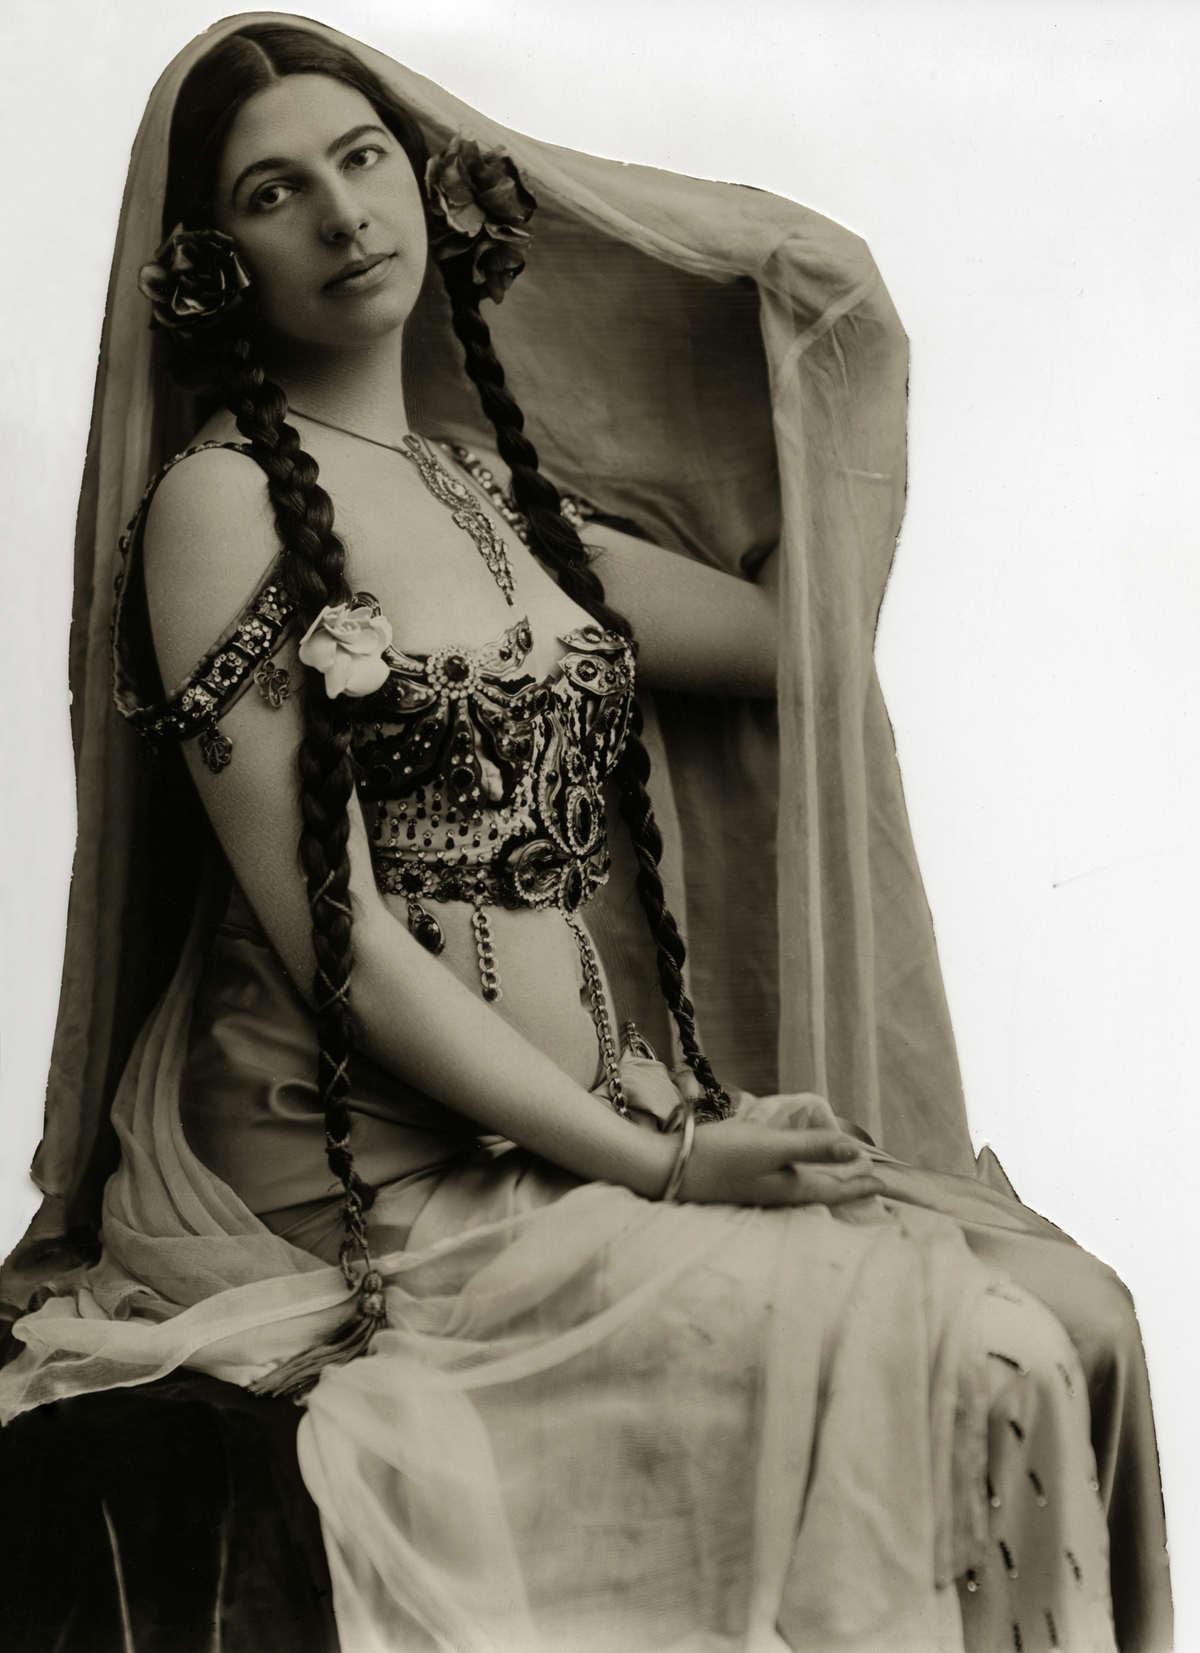 A história dramática de Mata Hari, dançarina exótica e notória espiã da Primeira Guerra Mundial 19